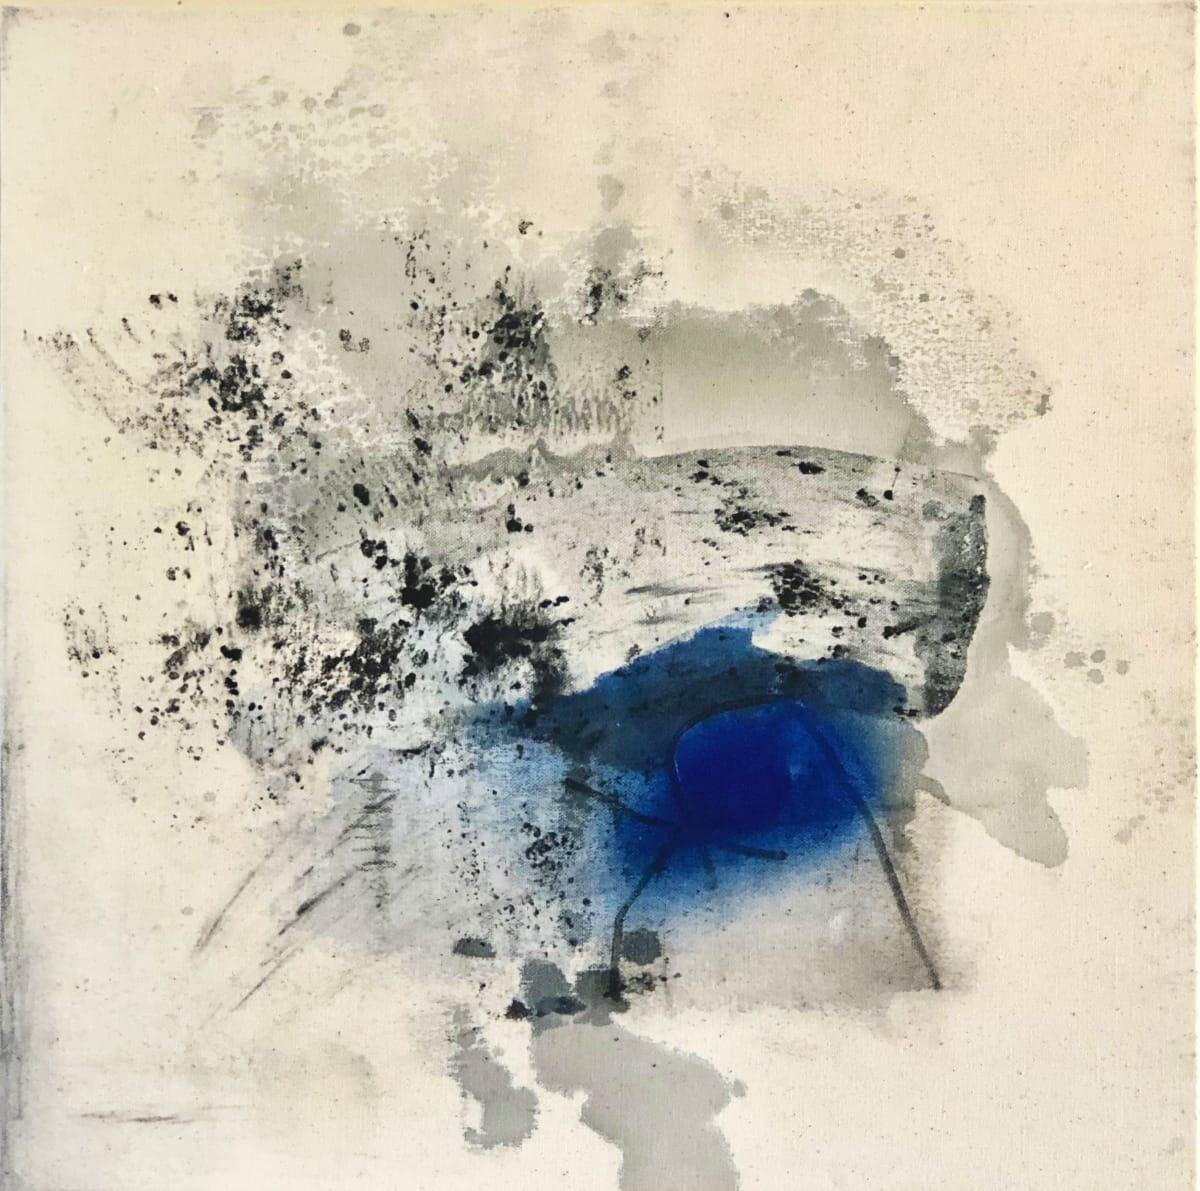 Mostly Unseen by Laura Viola Preciado